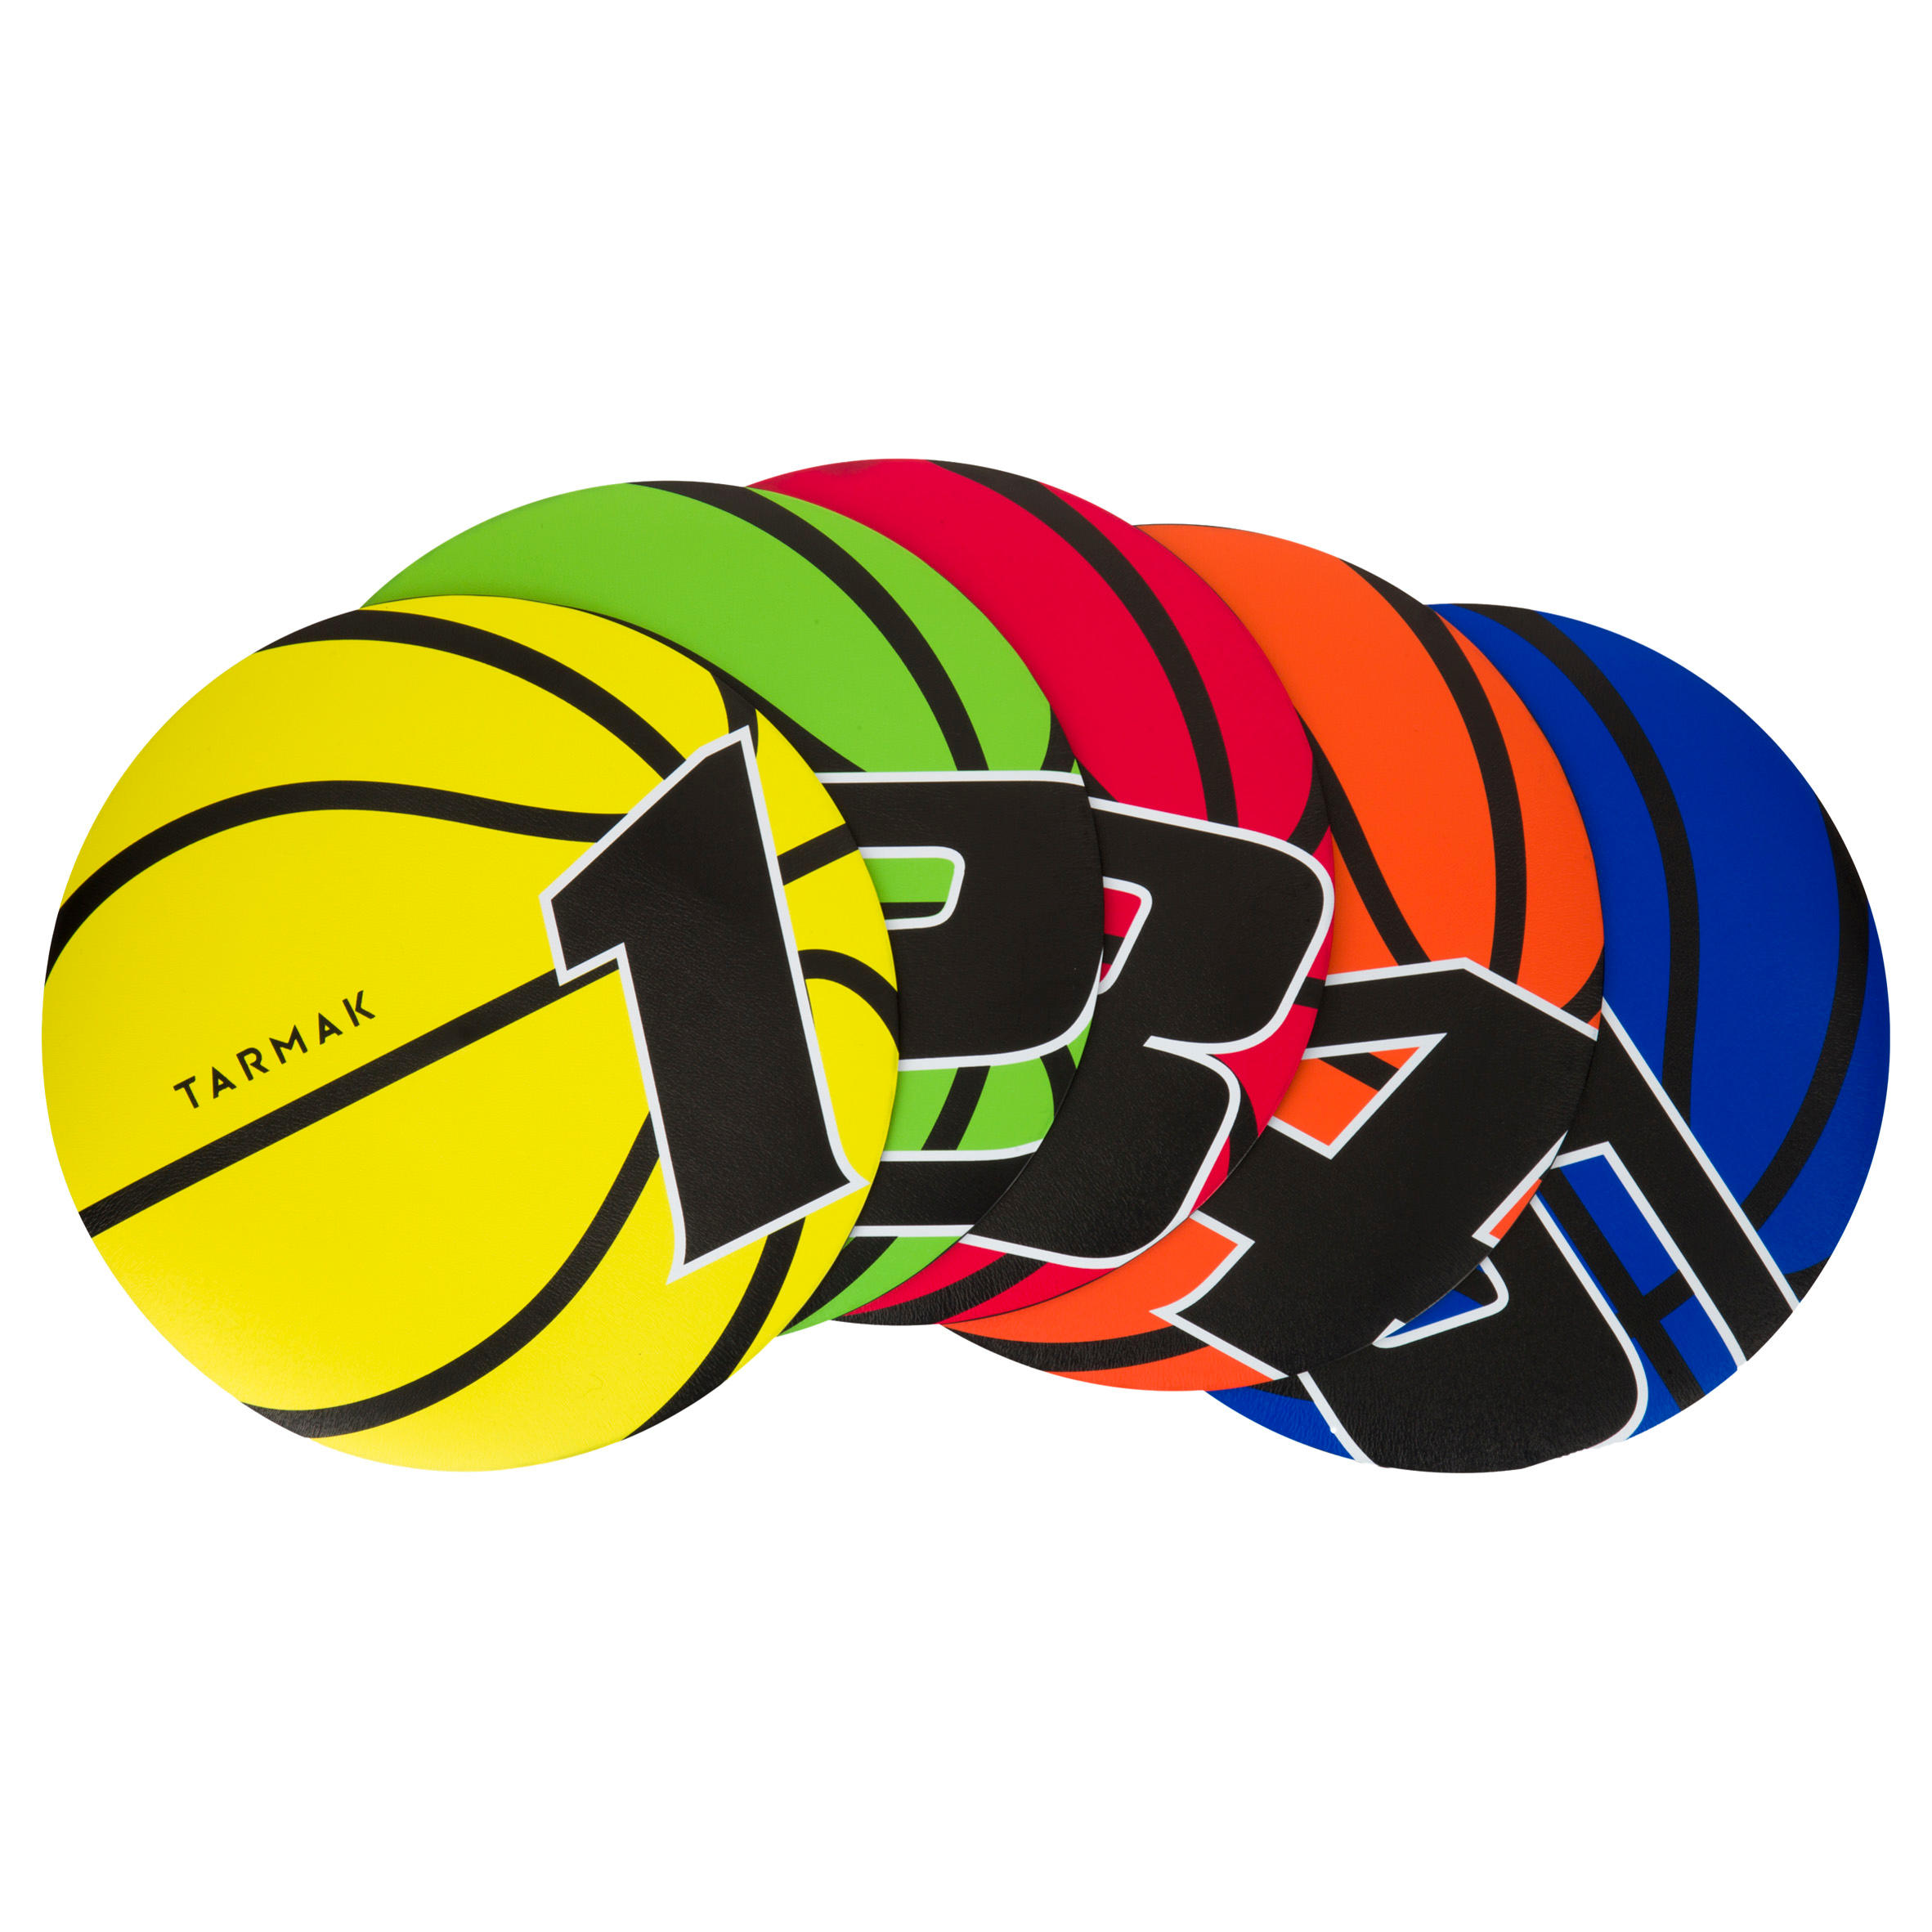 Tarmak Shootingtegels basketbal kinderen/volwassenen. Voor spelletjes en oefeningen